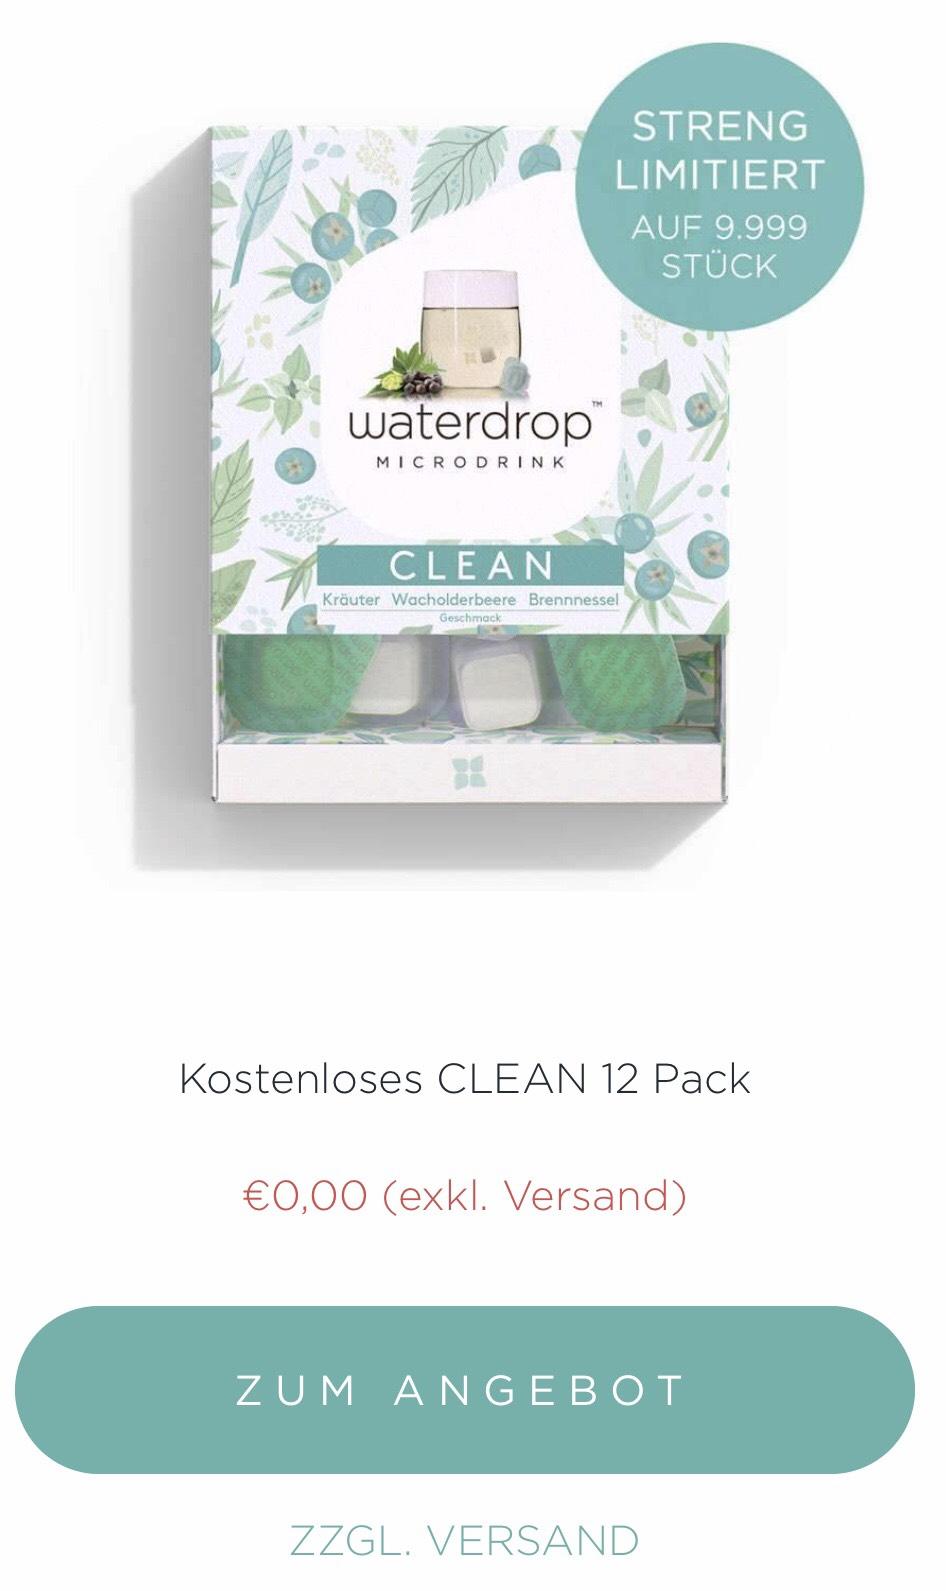 [Waterdrop] ab 0:00Uhr für alle (ab jetzt für Club Mitglieder - kostenlos) neuste Sorte CLEAN für 0€+Versand 4,90€